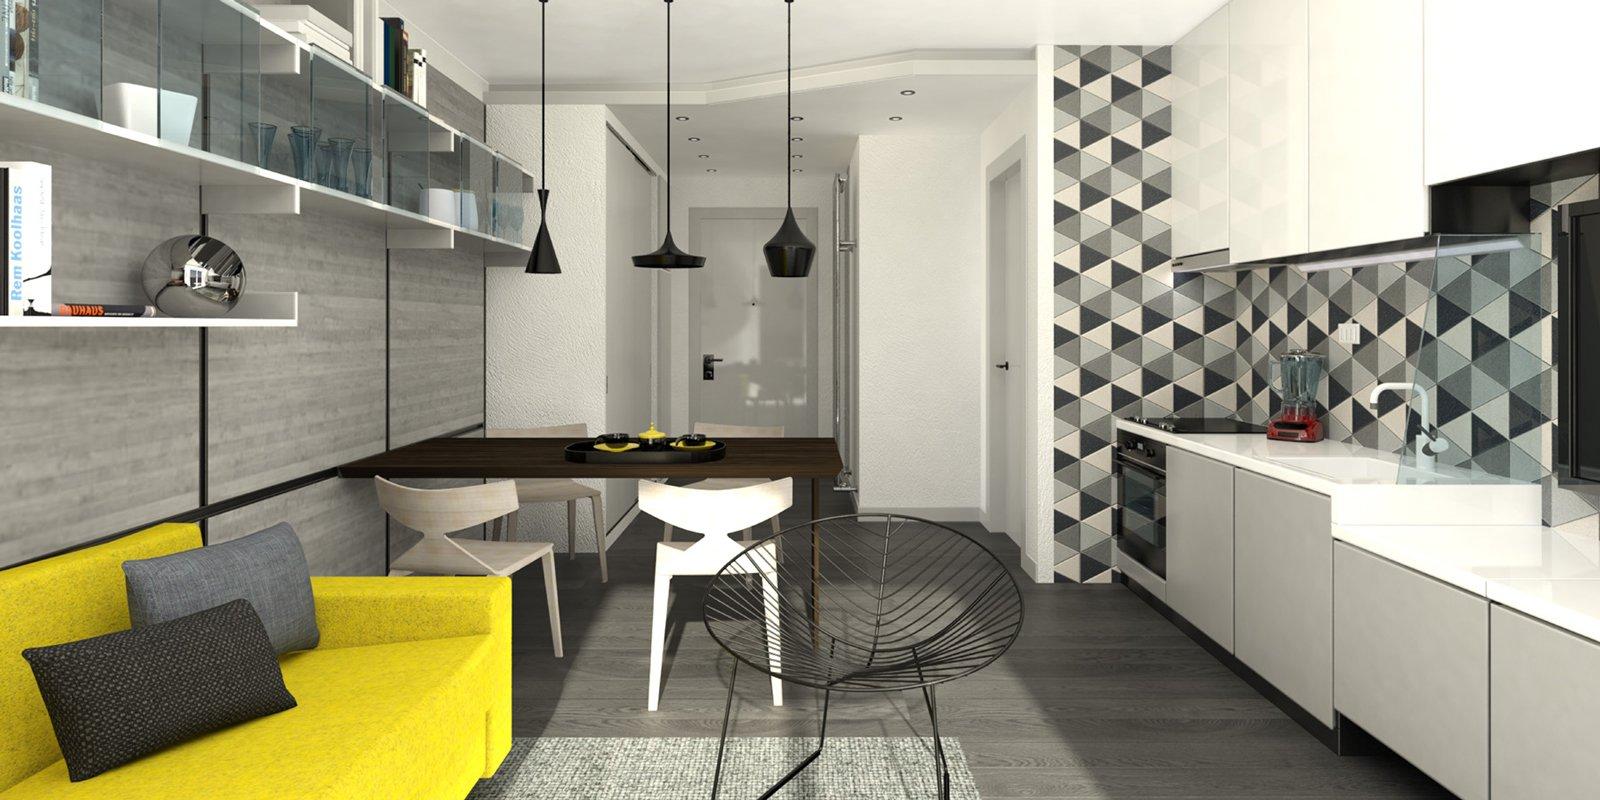 Soggiorno con cucina come disporre i mobili e dove mettere la zona pranzo cose di casa - Dove comprare la cucina ...